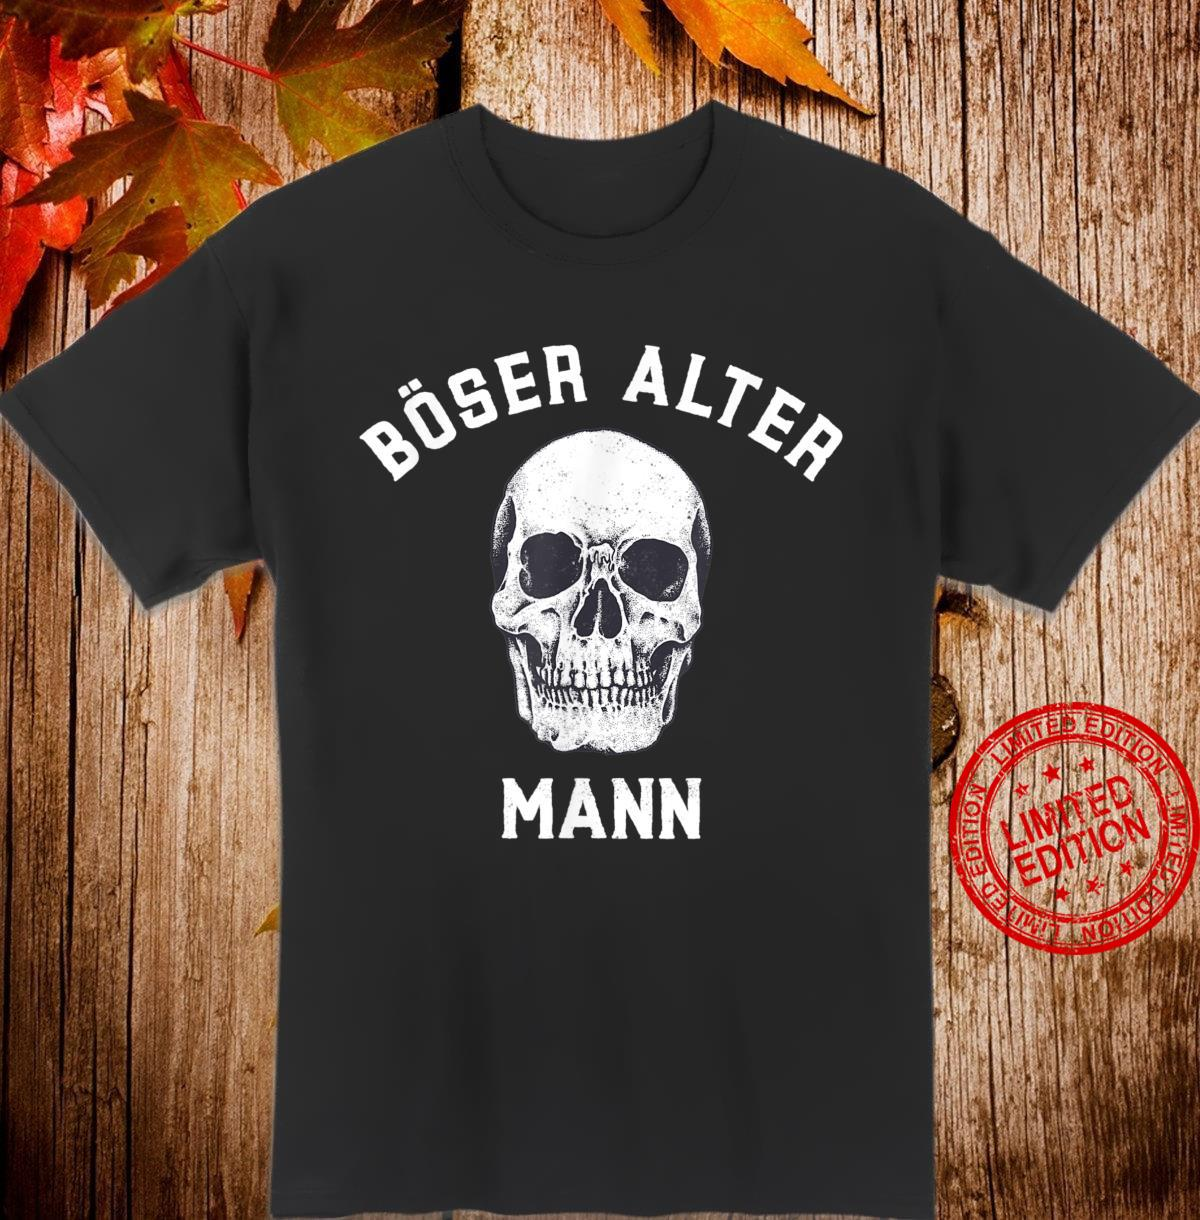 Alt Totenkopf Opa Vater Großvater Böser alter Mann Shirt